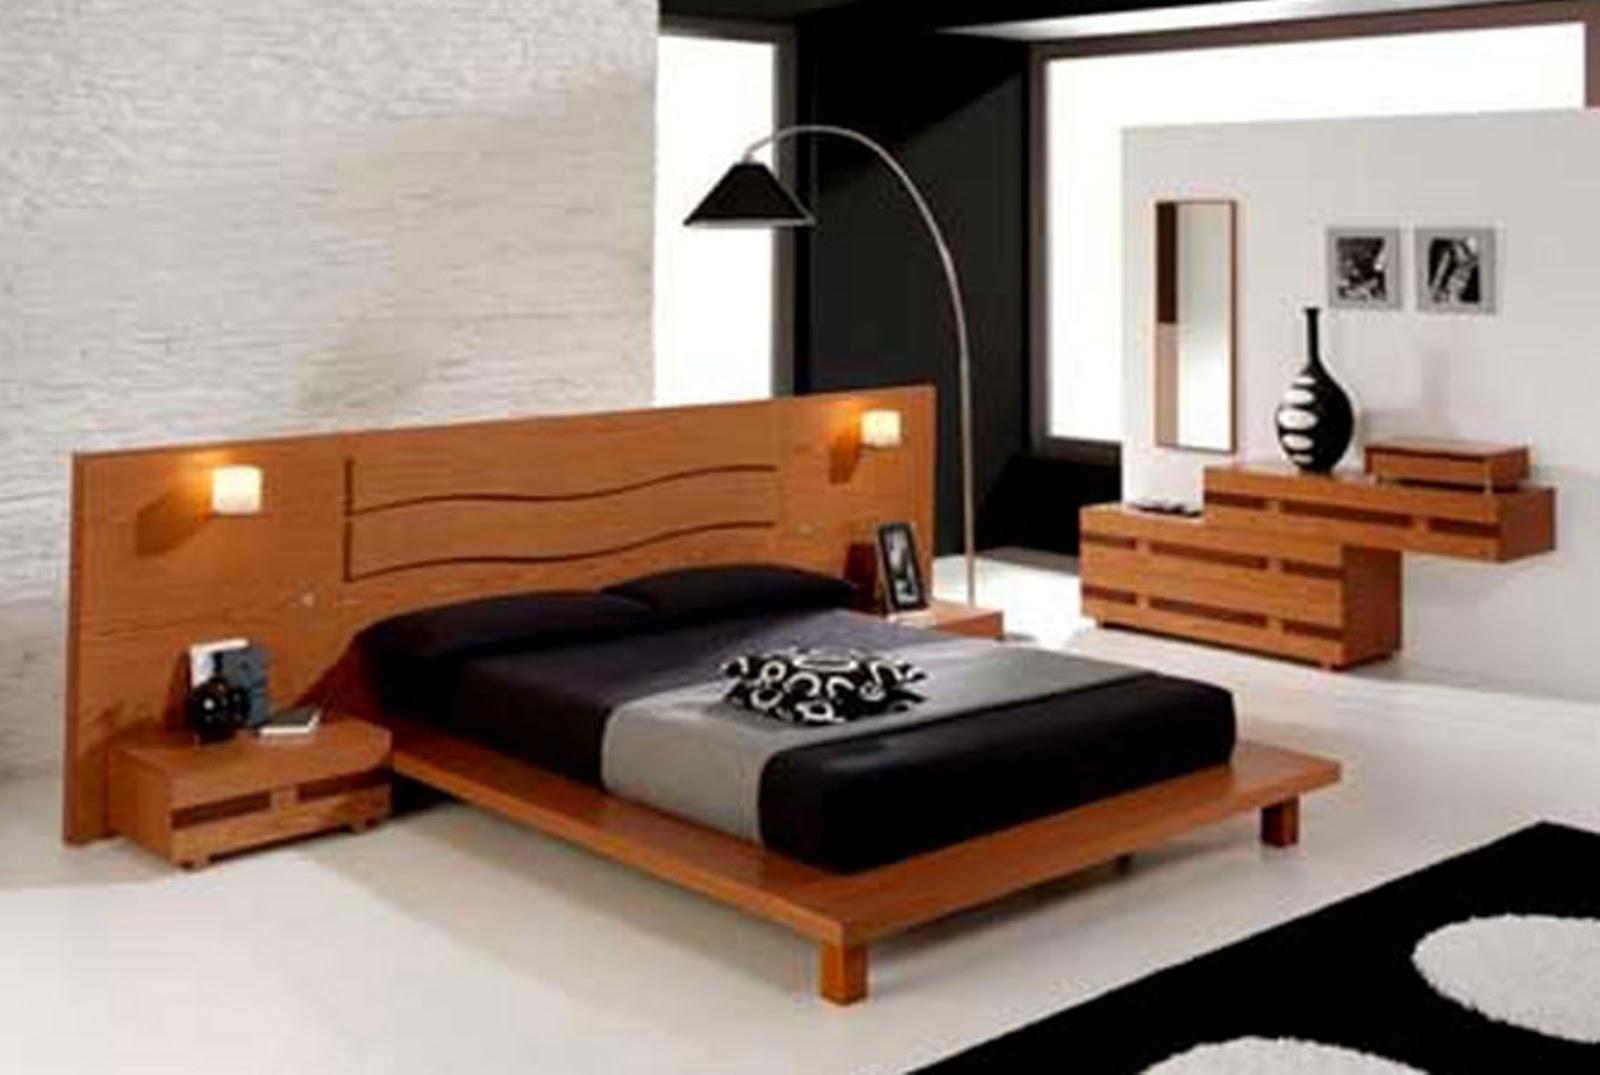 Desain Kamar Tidur Minimalis Dan Menarik|Dekorasi Kamar ...